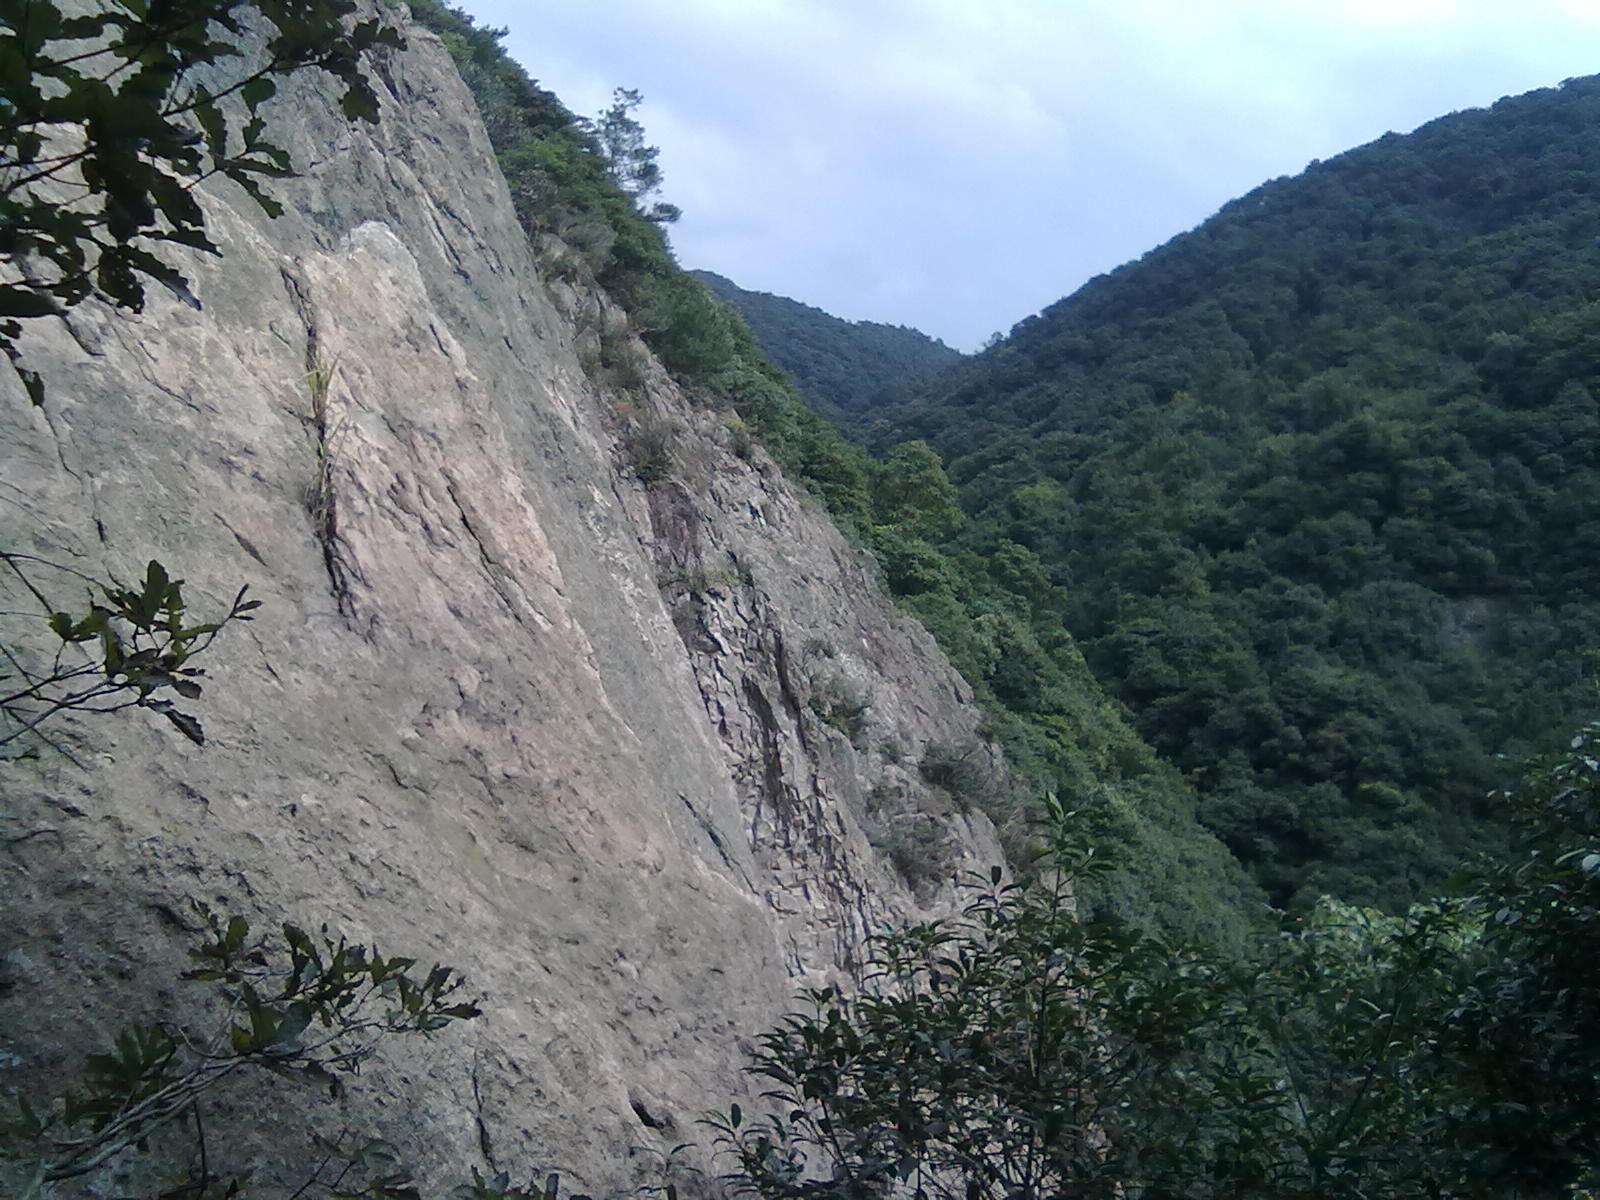 汝州九峰山国家森林公园,风景秀丽,有山有水,春季旅游